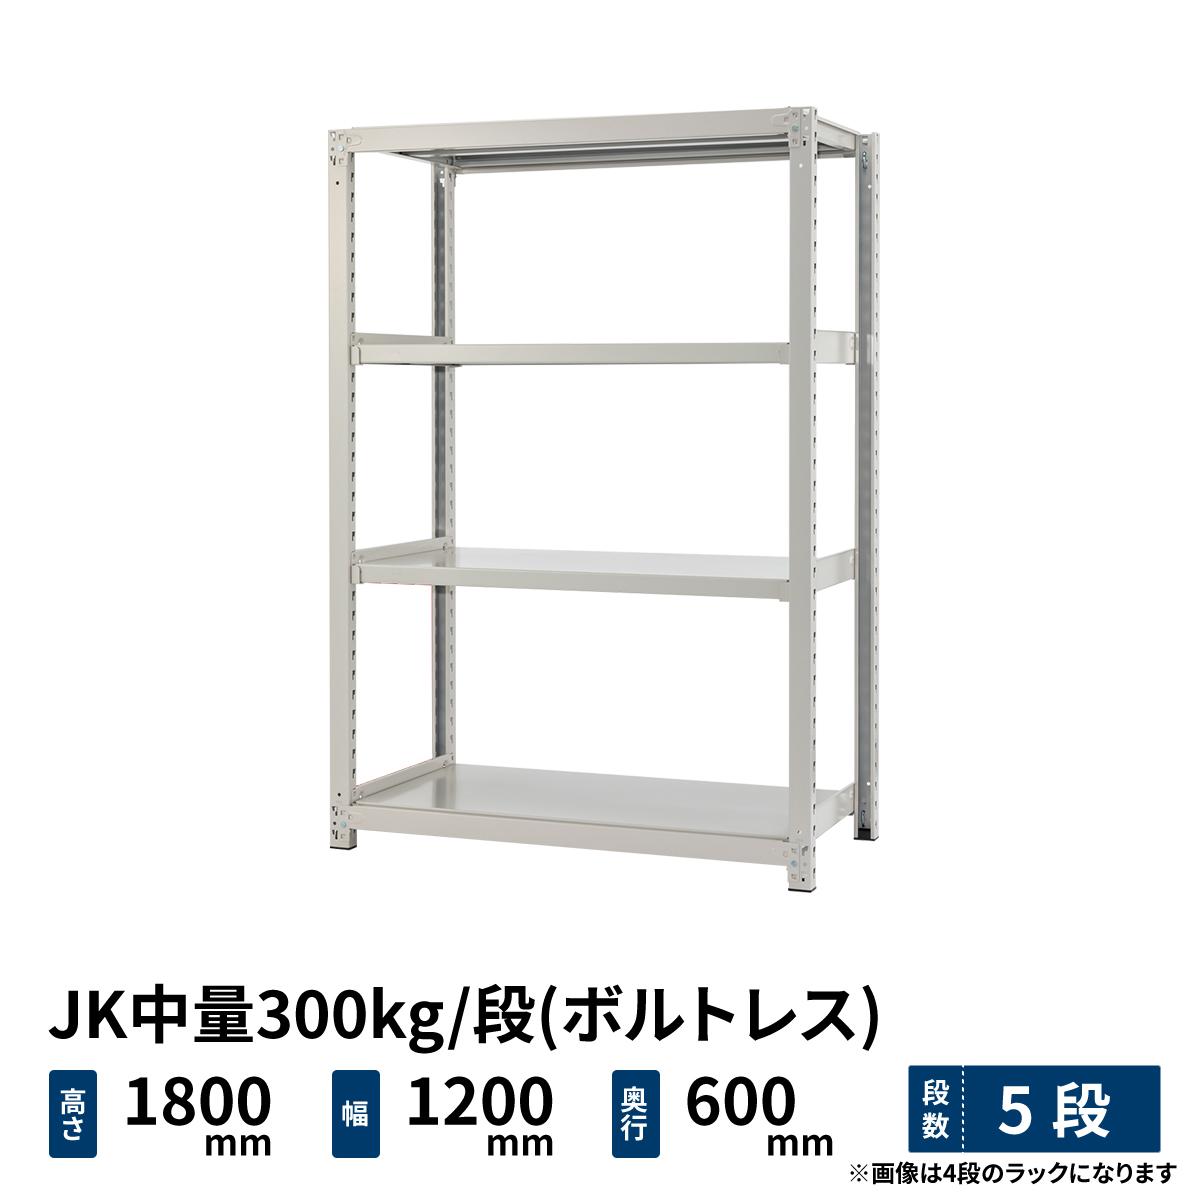 スチールラック 業務用 JK中量300kg/段(ボルトレス) 単体形式 高さ1800×幅1200×奥行600mm 5段 ホワイトグレー/グリーン (69kg) JK300_T-181206-5